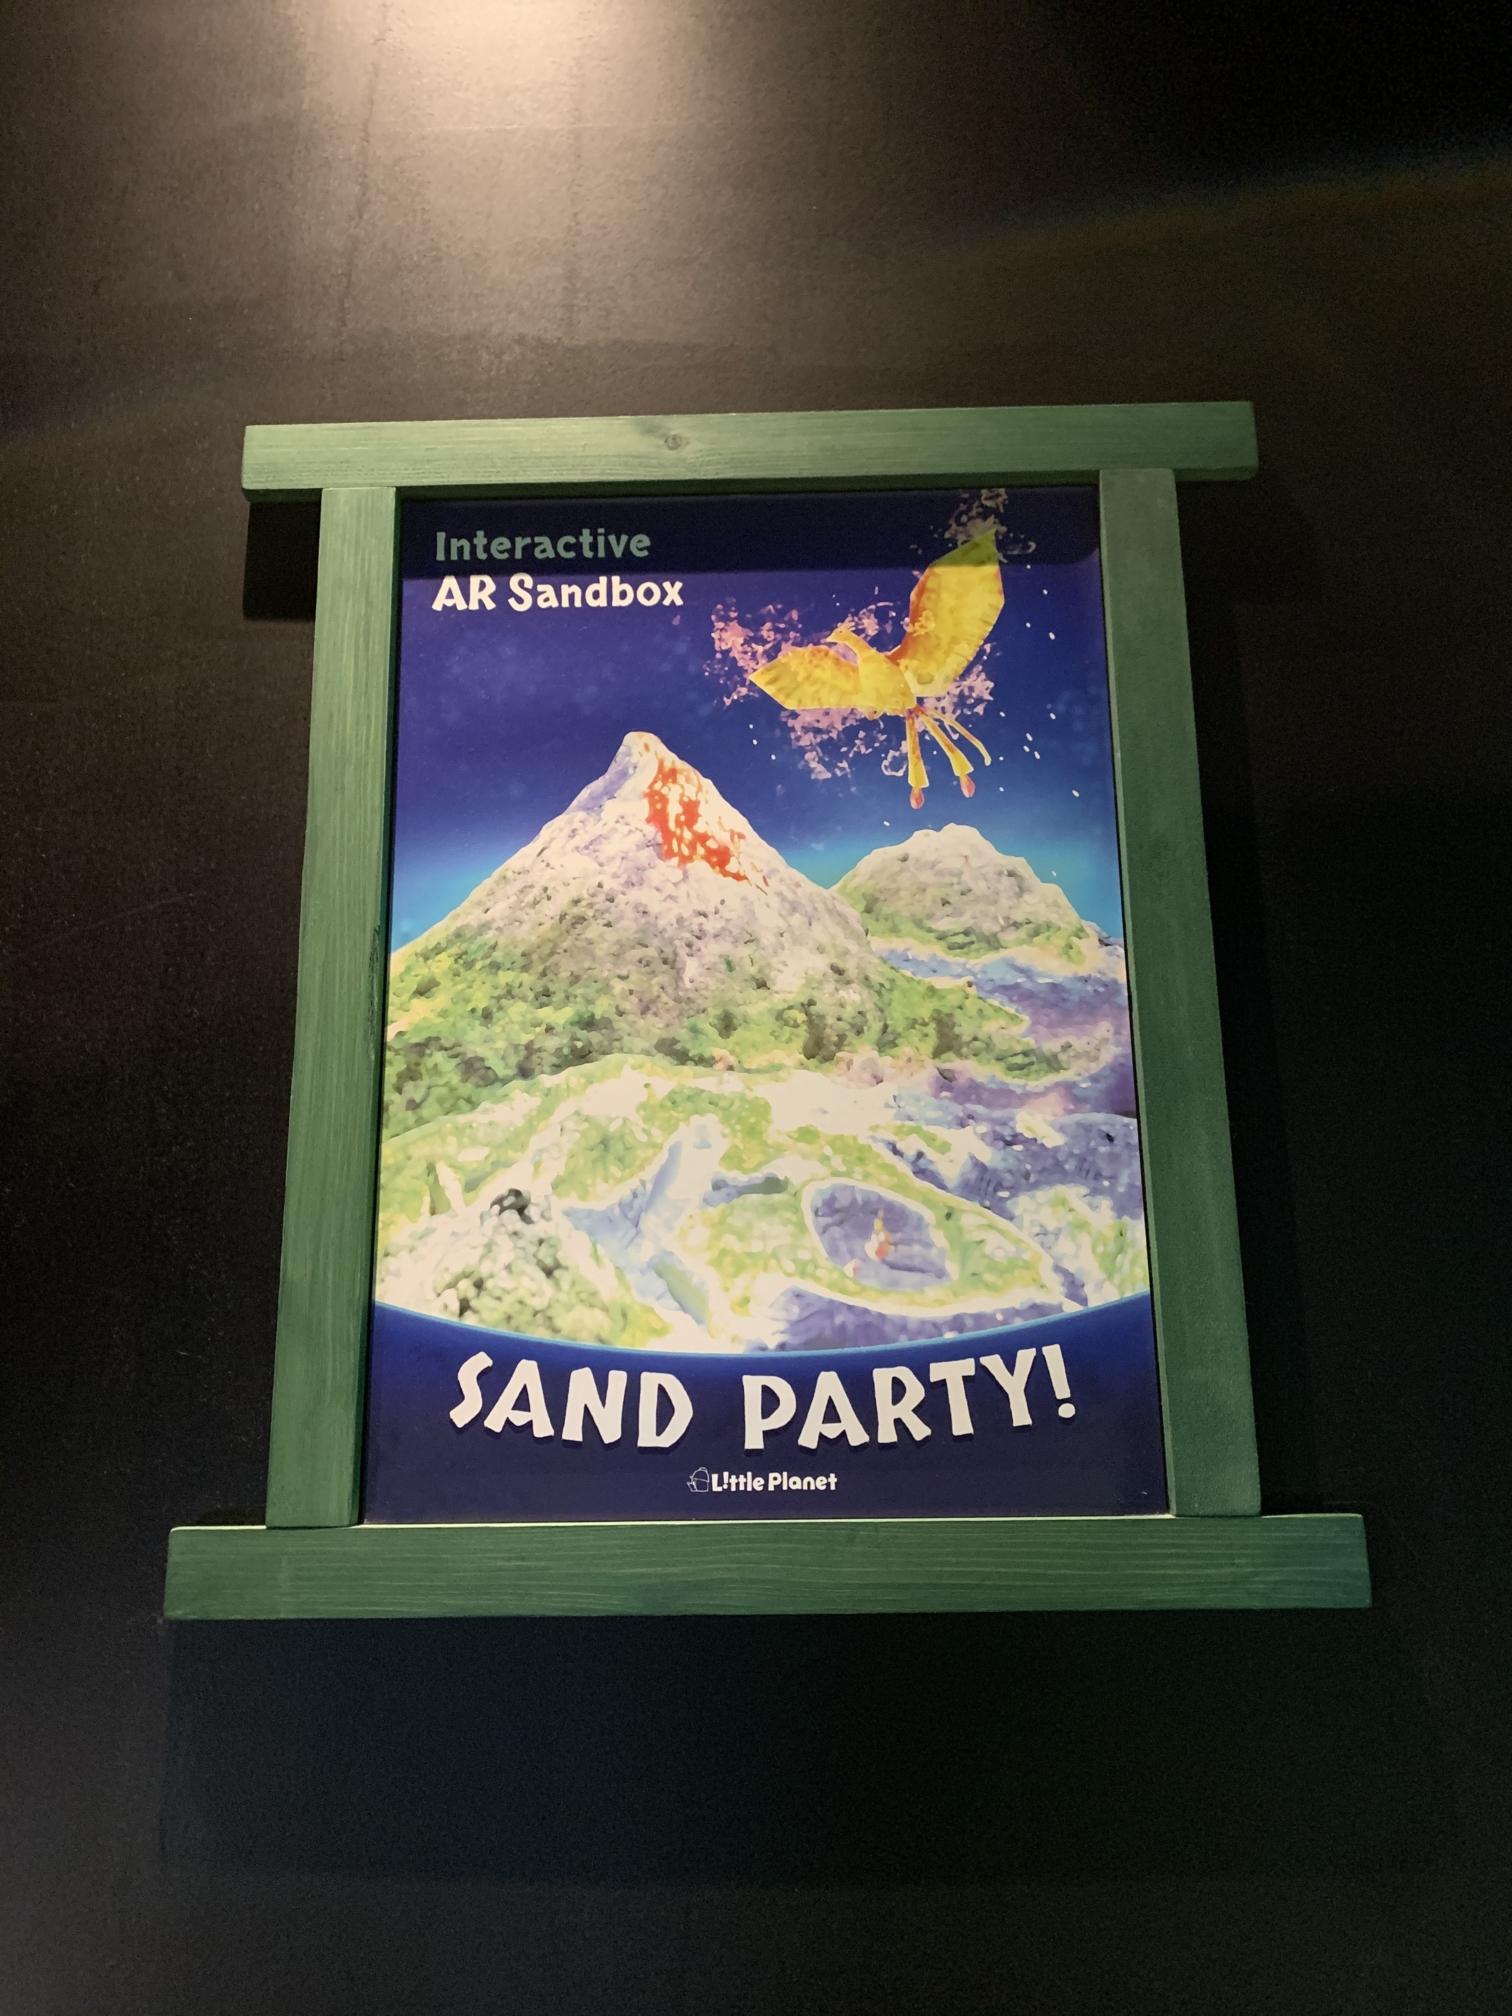 【ららぽーと横浜】リトルプラネットのAR砂遊びで【SAND PARTY!】